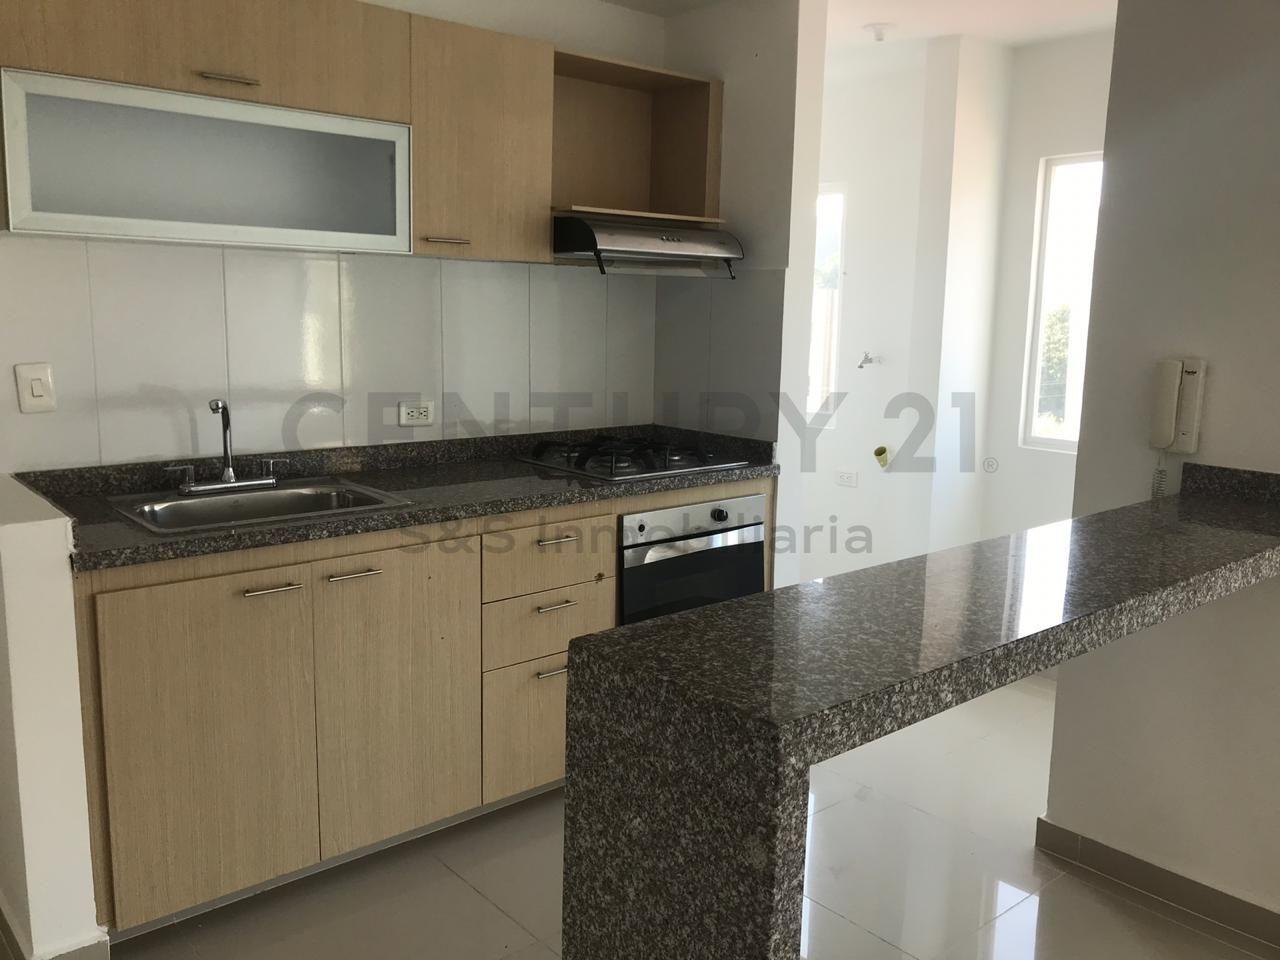 Oficina en Barranquilla 1117